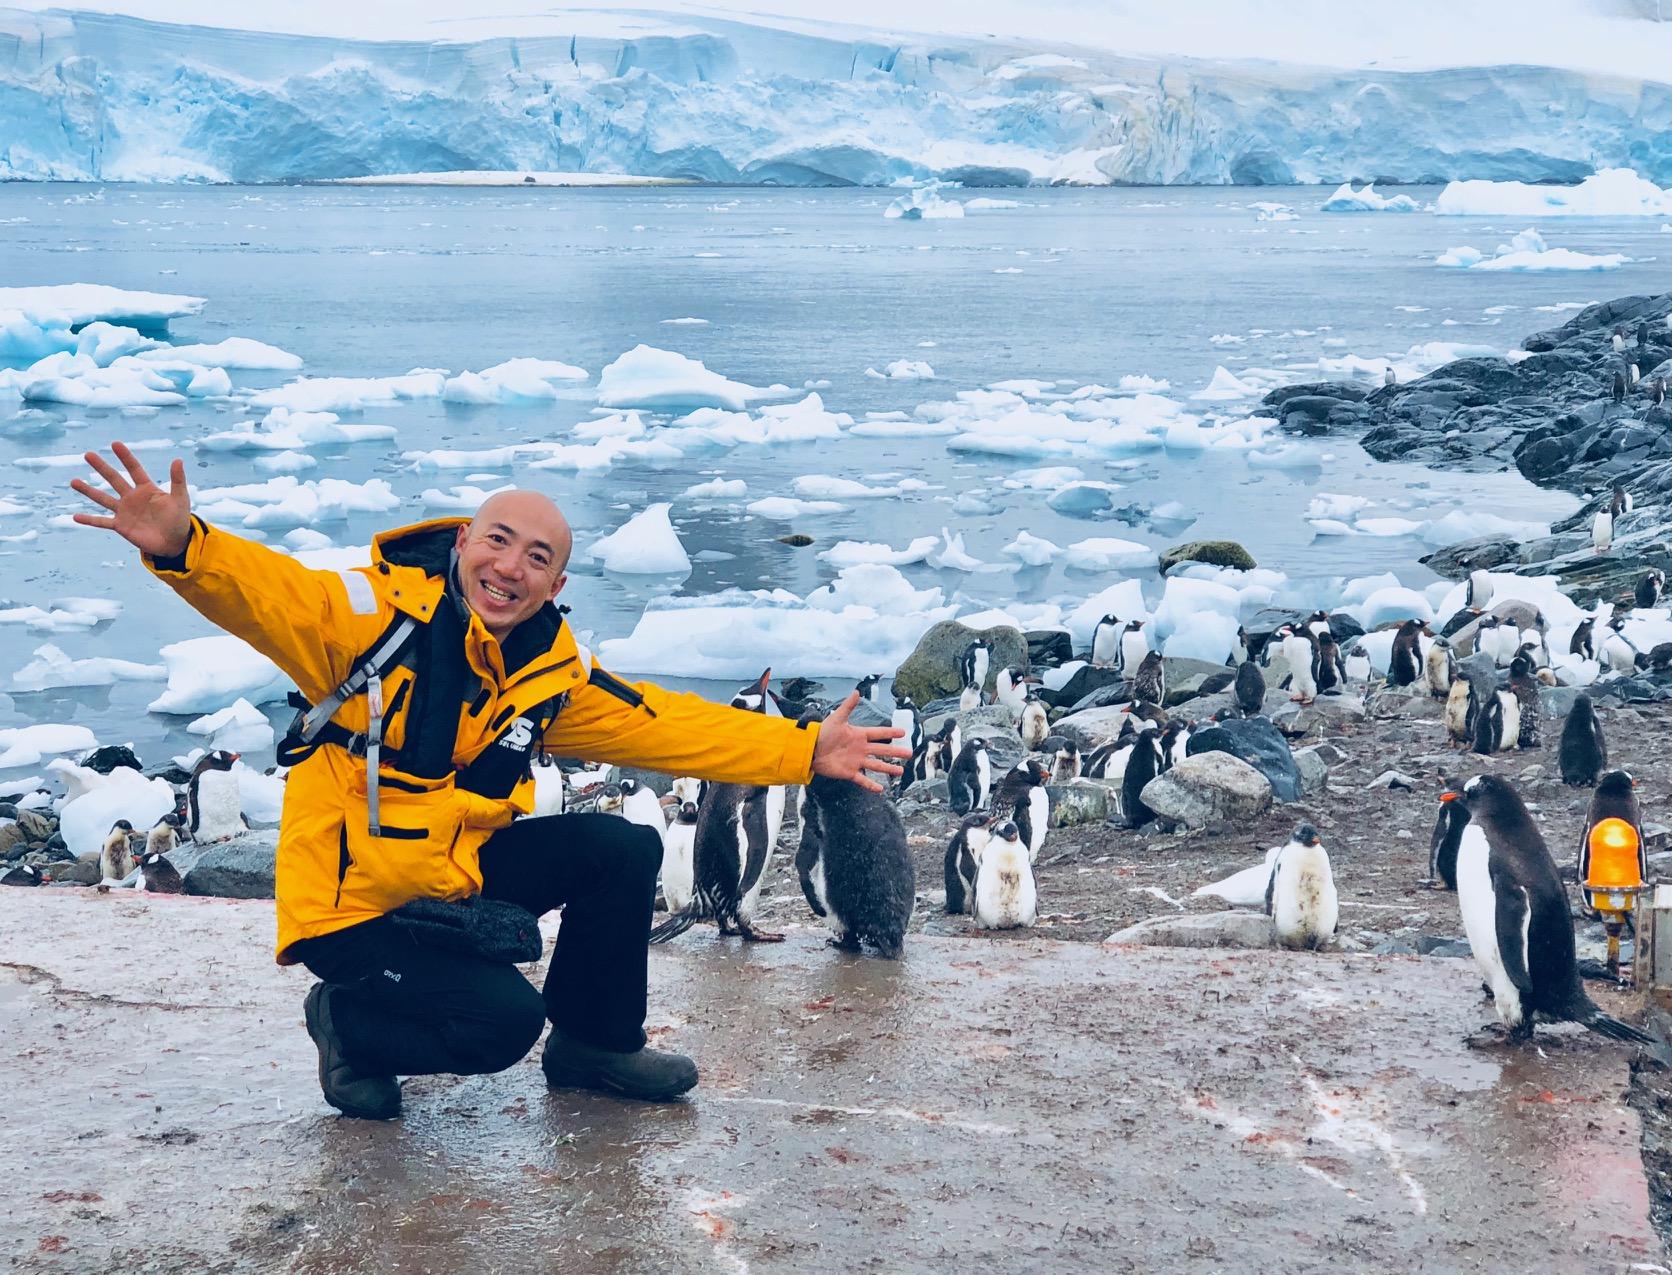 南極半島&サウスシェットランド諸島クルーズにご参加の長谷川さん